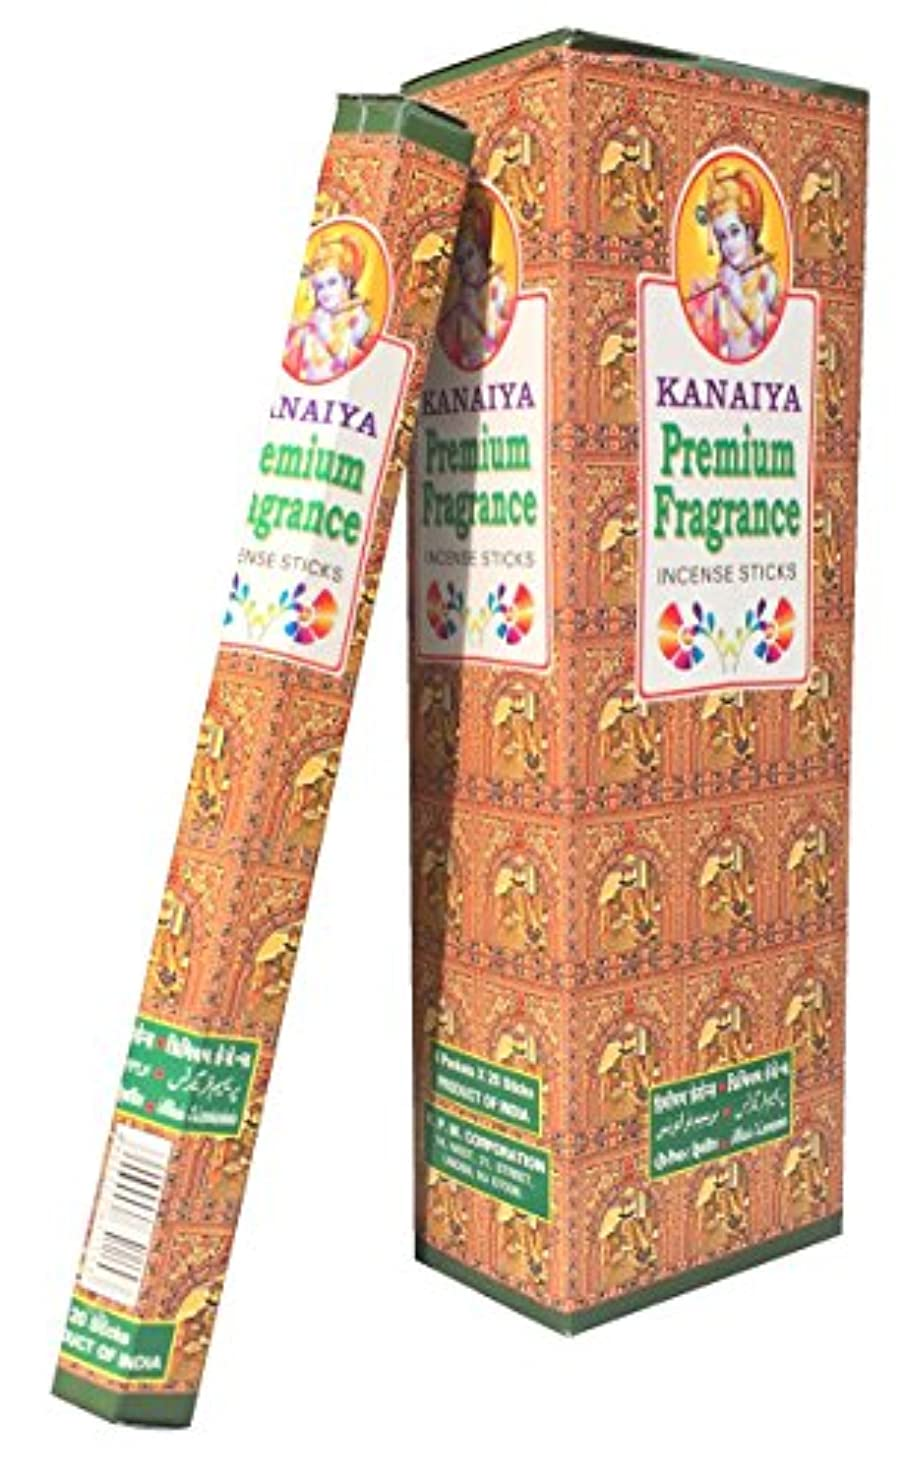 健康的心理学ごめんなさいプレミアムFragrance Incense Sticksインドから – 120 Sticks – madeからNatural Scented Oil – Kanaiyaブランドby tikkalife